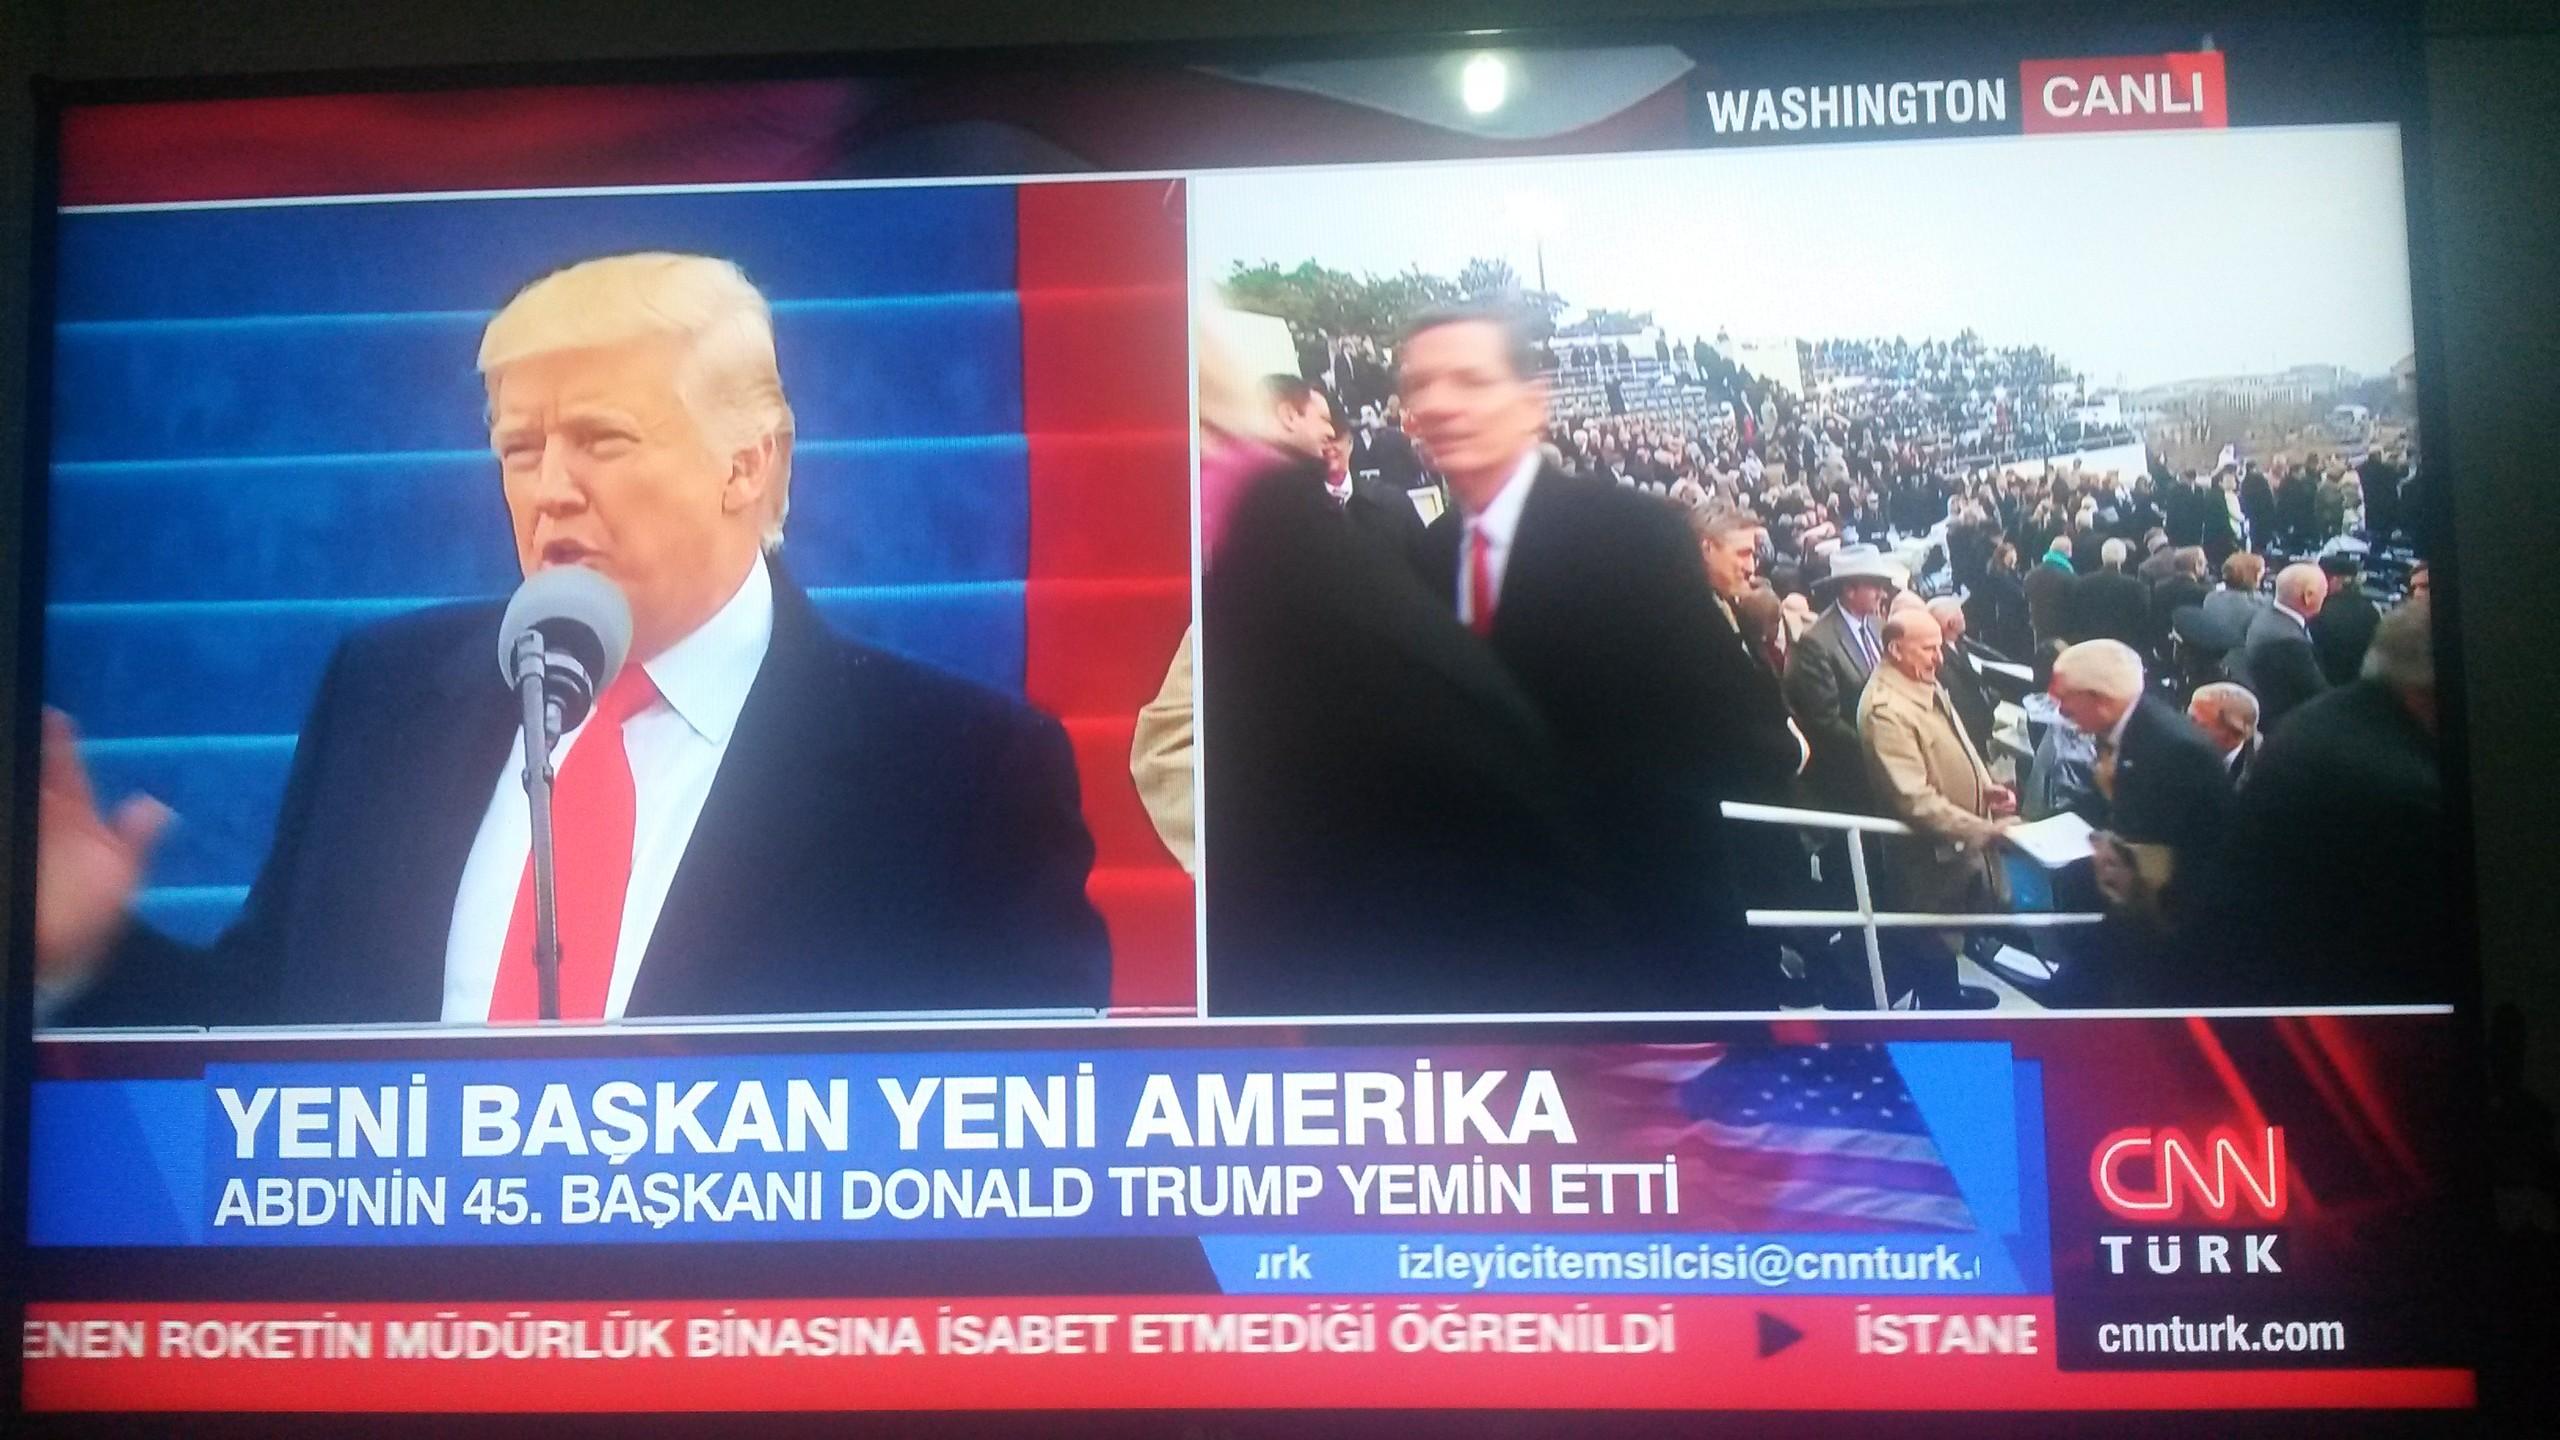 abd'nin 45. başkanı donald trump yemin etti